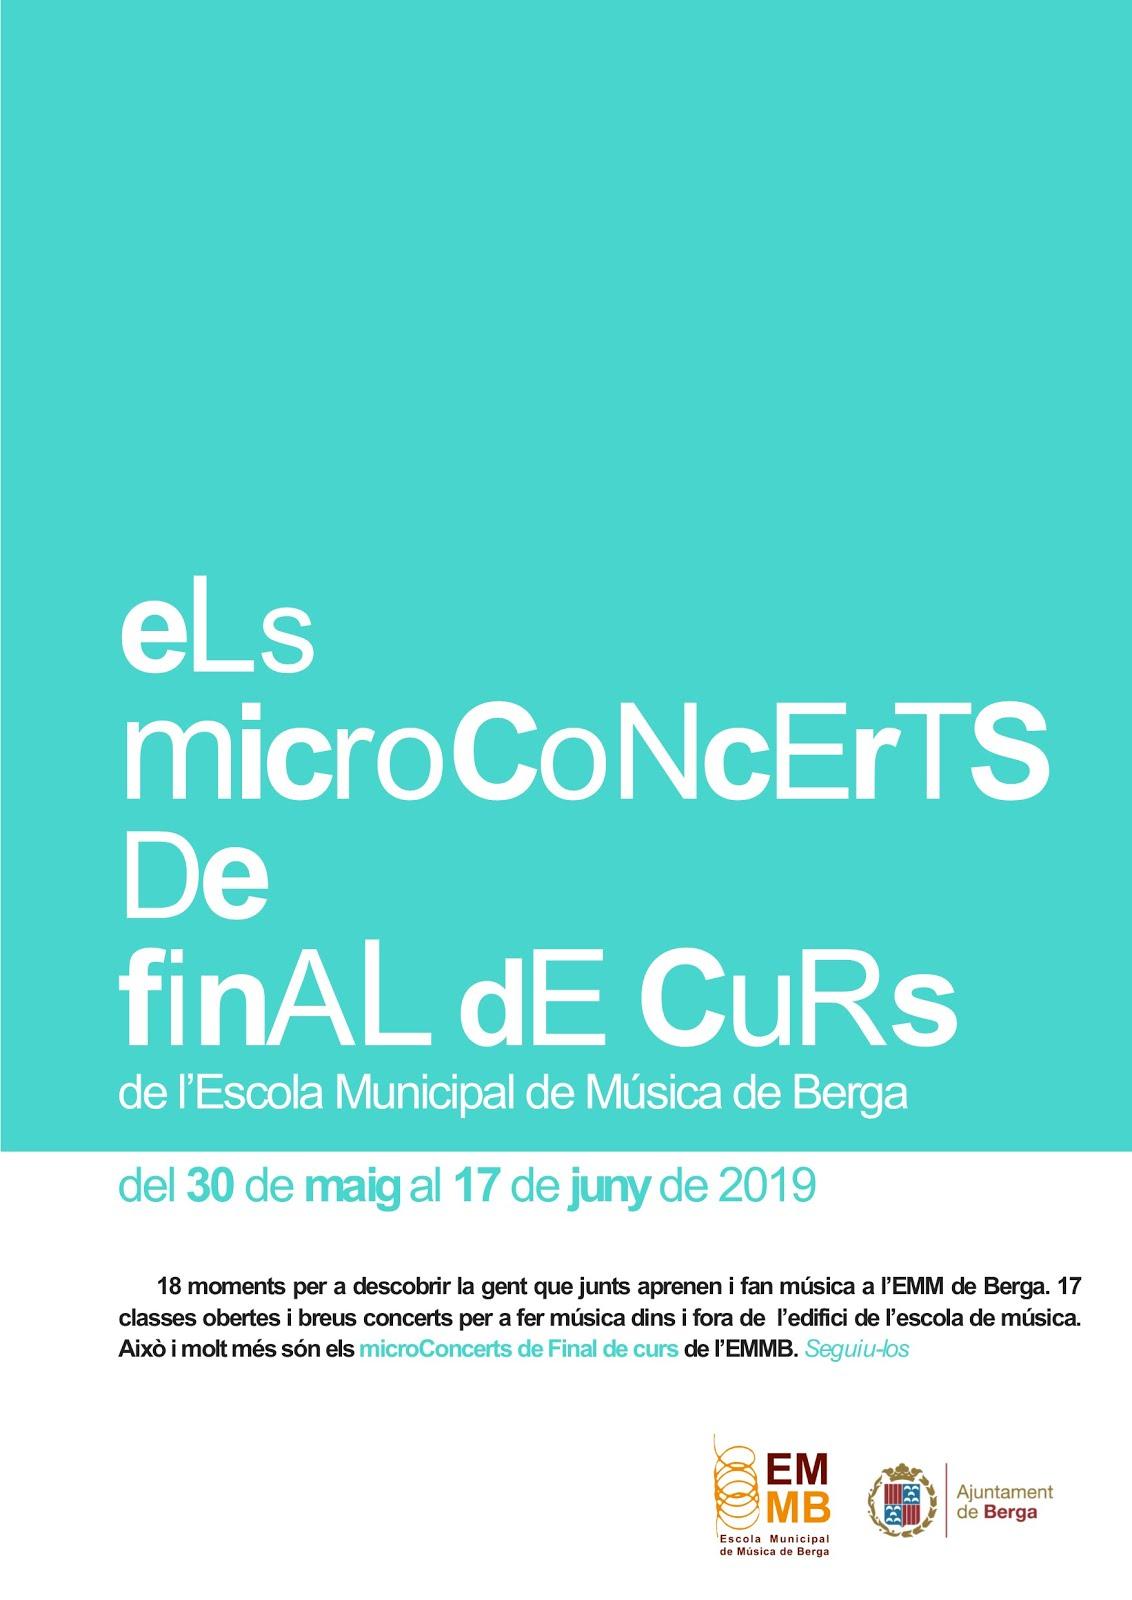 Microconcerts de final de curs